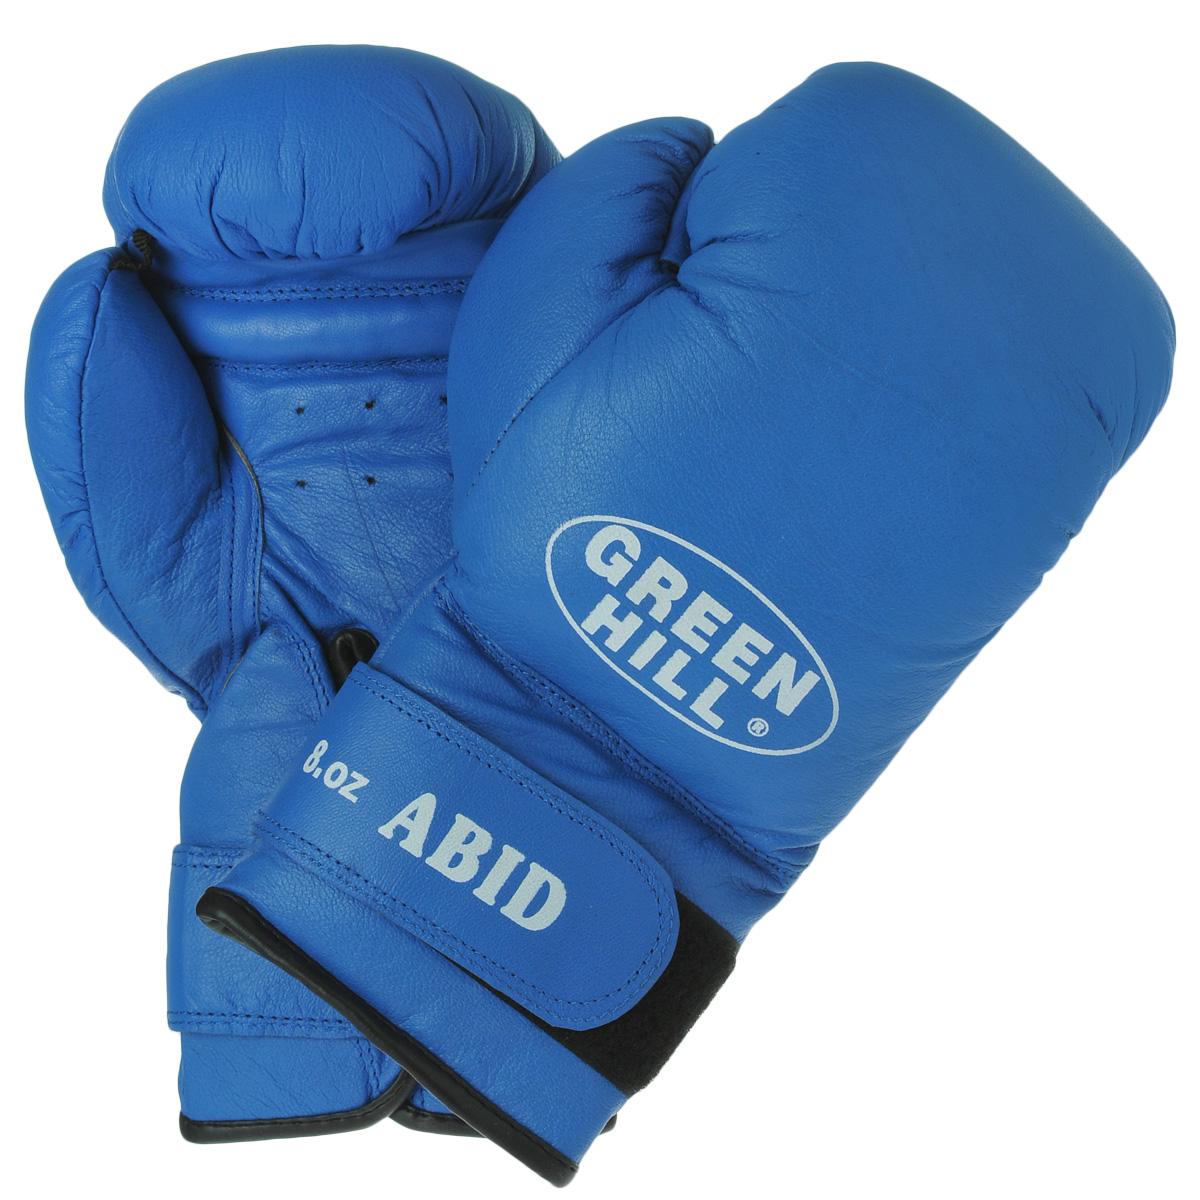 Перчатки боксерские Green Hill Abid, цвет: синий. Вес 8 унцийAIRWHEEL Q3-340WH-BLACKБоксерские тренировочные перчатки Green Hill Abid выполнены из натуральной кожи. Они отлично подойдут для начинающих спортсменов. Мягкий наполнитель из очеса предотвращает любые травмы. Широкий ремень, охватывая запястье, полностью оборачивается вокруг манжеты, благодаря чему создается дополнительная защита лучезапястного сустава от травмирования. Застежка на липучке способствует быстрому и удобному одеванию перчаток, плотно фиксирует перчатки на руке.